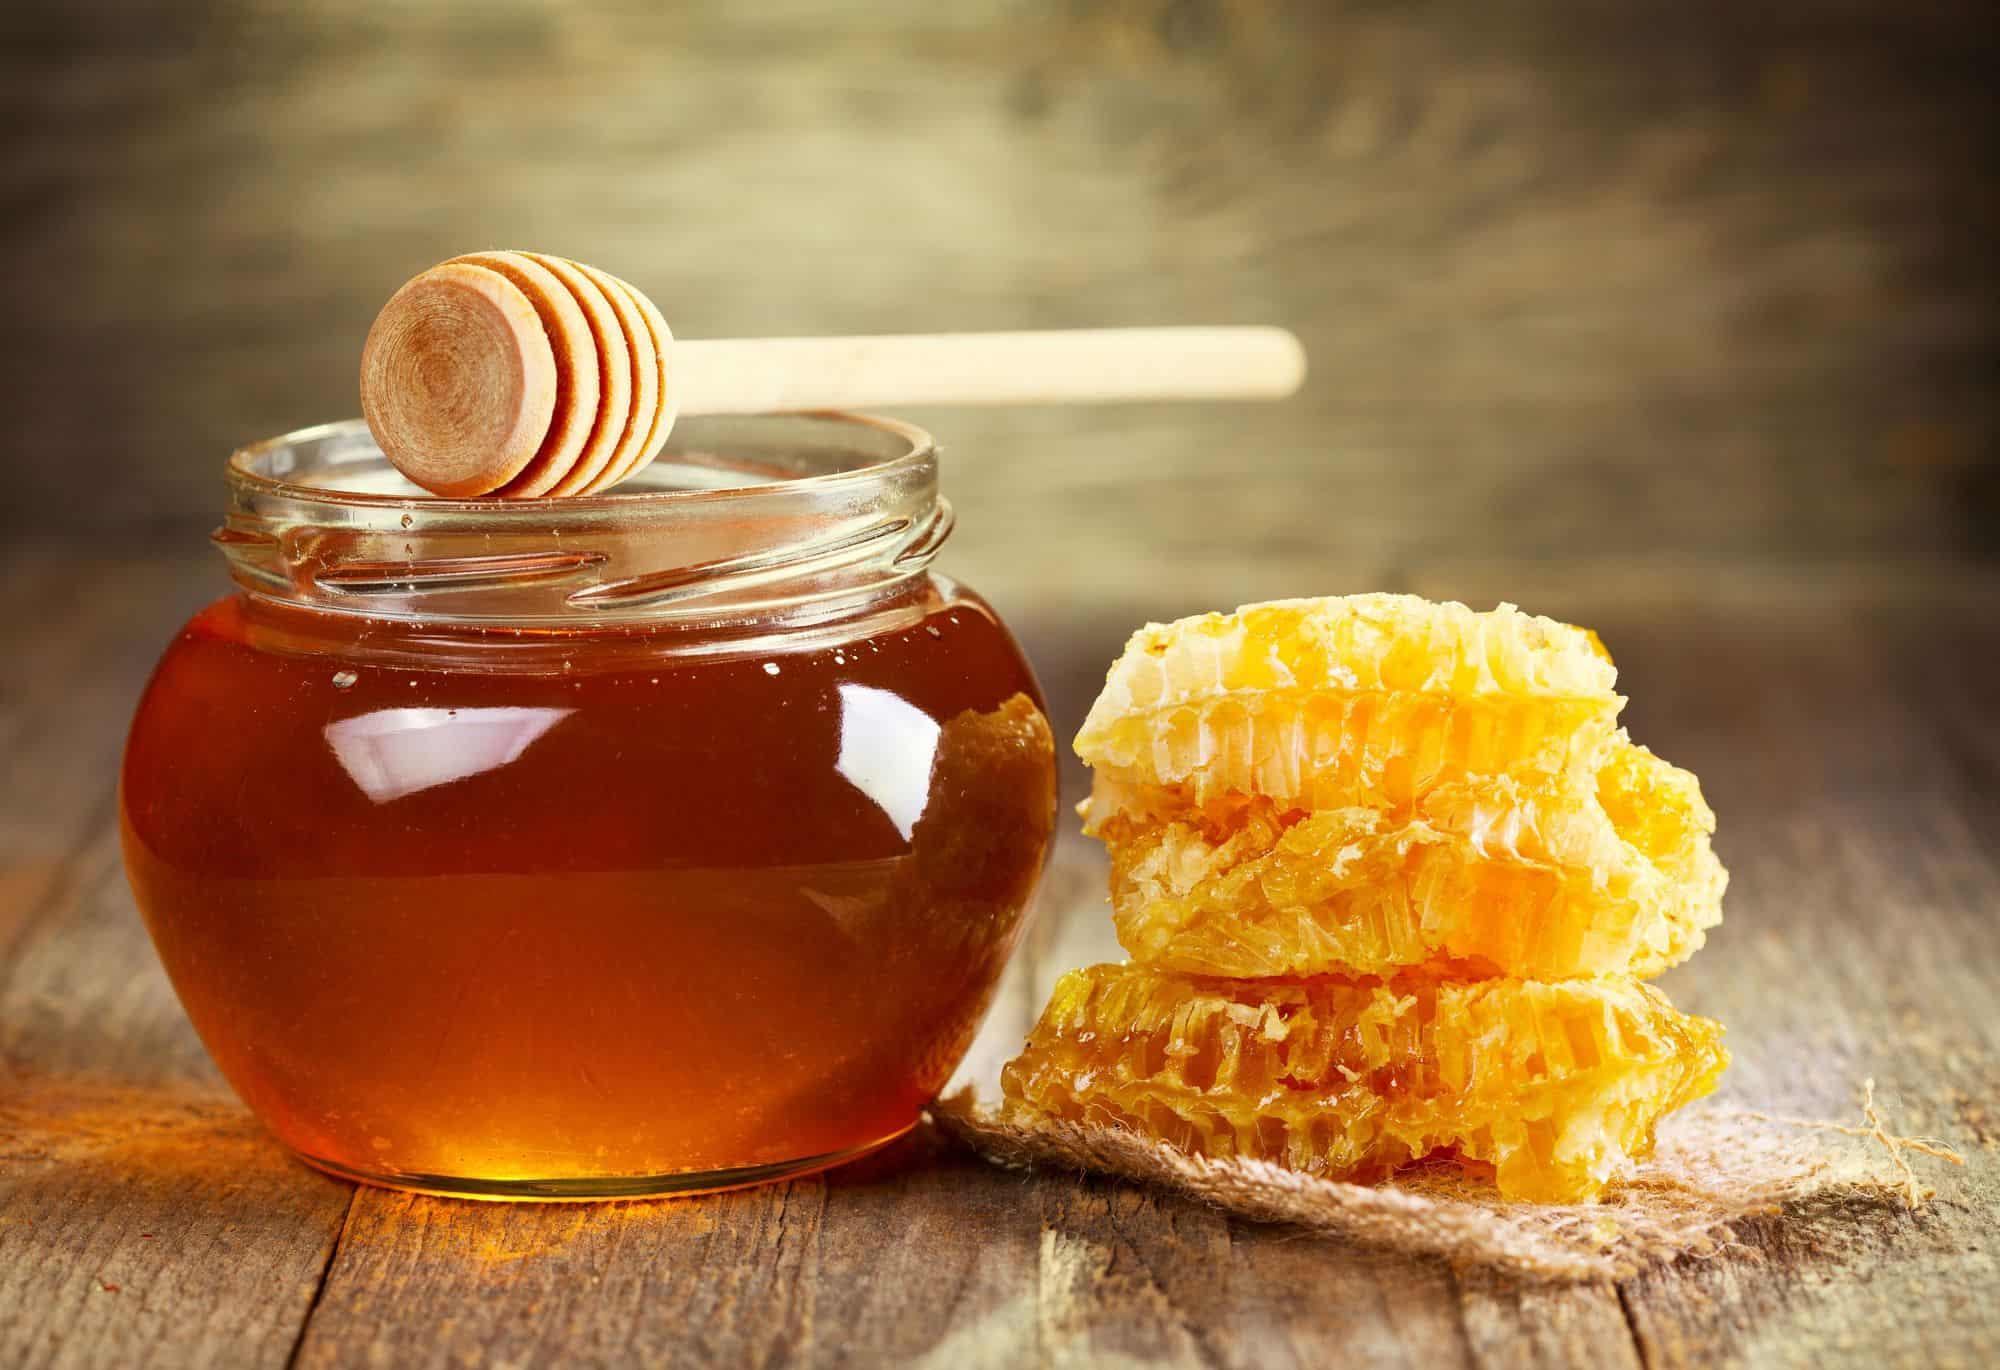 صورة فوائد العسل الابيض على الريق , فوائد صحية هائلة للعسل الابيض